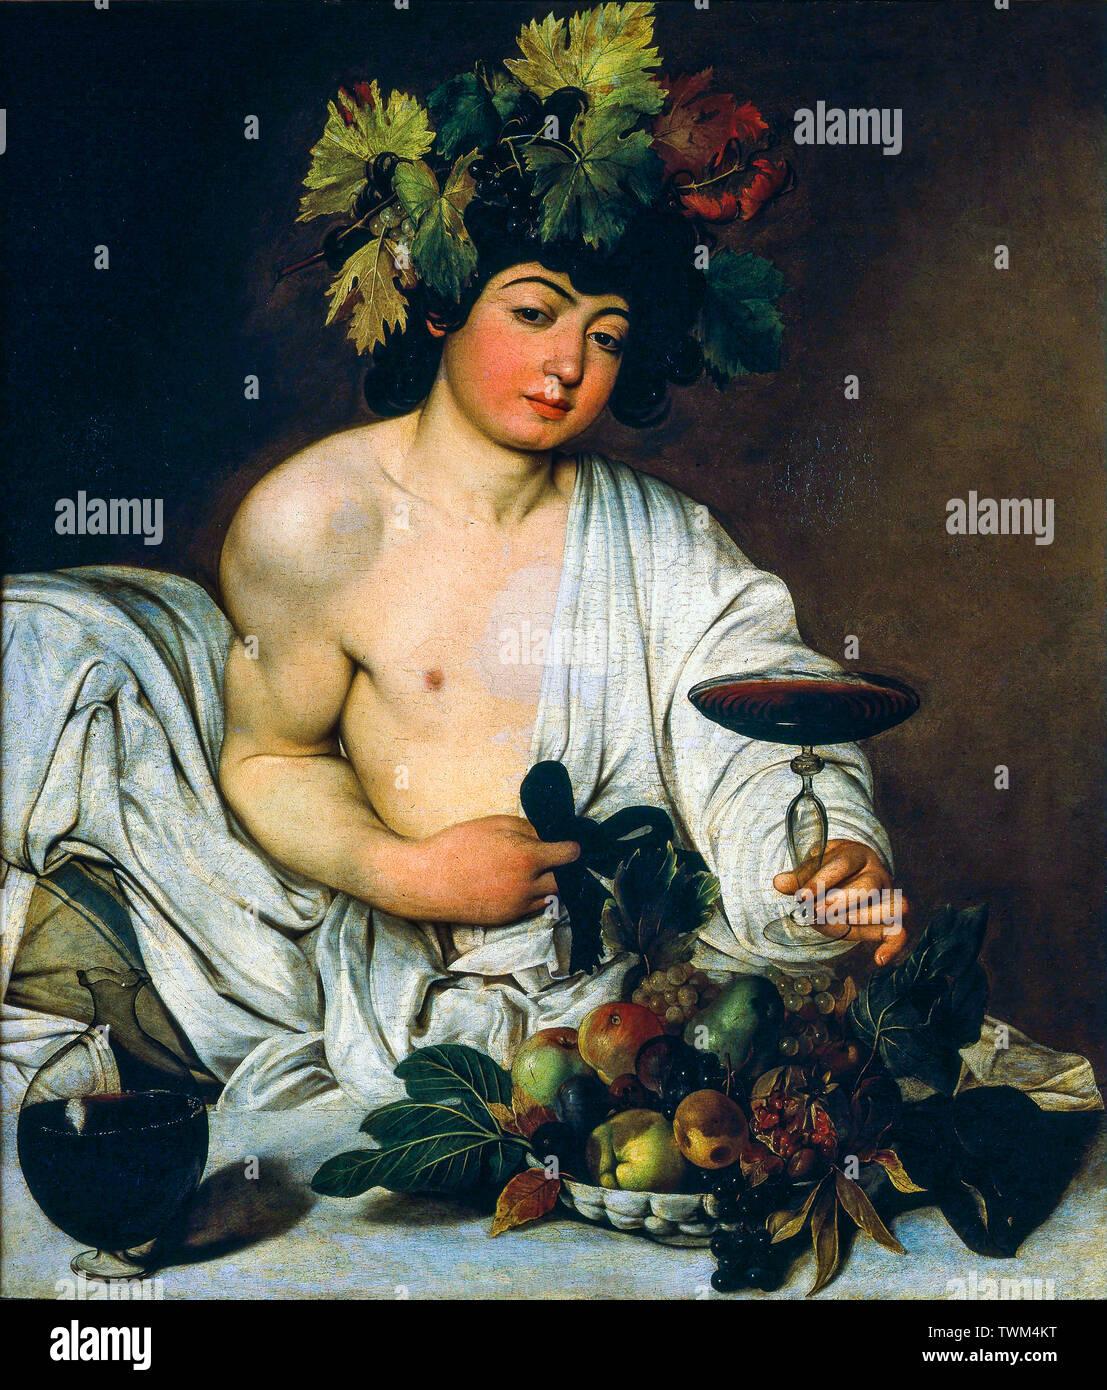 Caravaggio, El adolescente Bacchus, pintura, circa 1595 Imagen De Stock